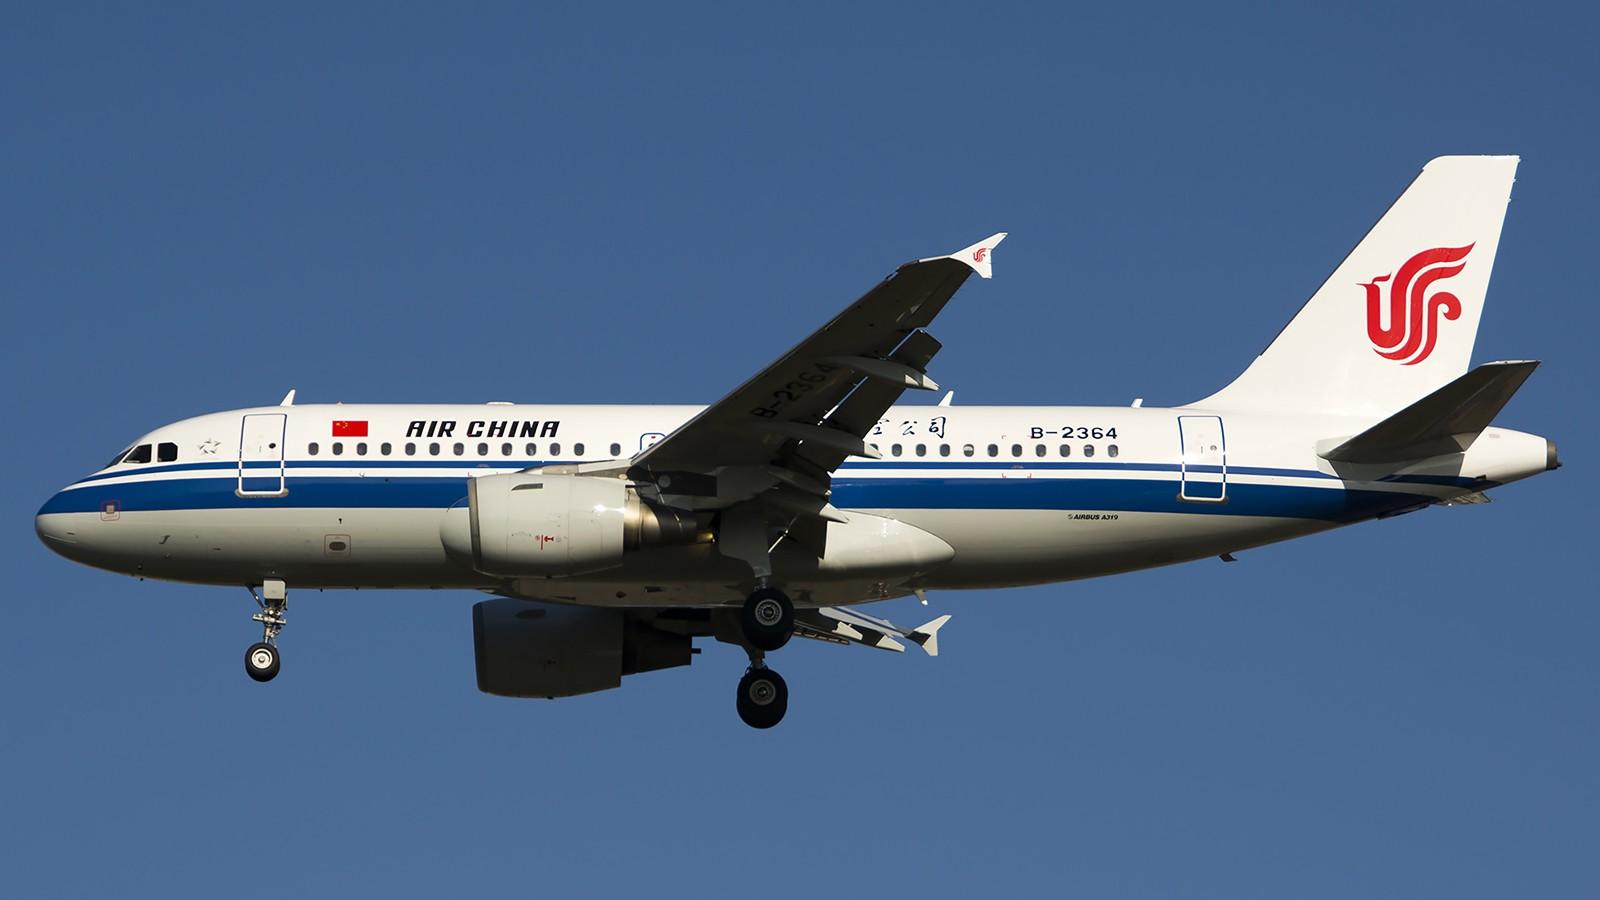 Re:[原创]难得赶上PEK周末好天气,各种常见机型都有收获 AIRBUS A319-100 B-2364 中国北京首都机场